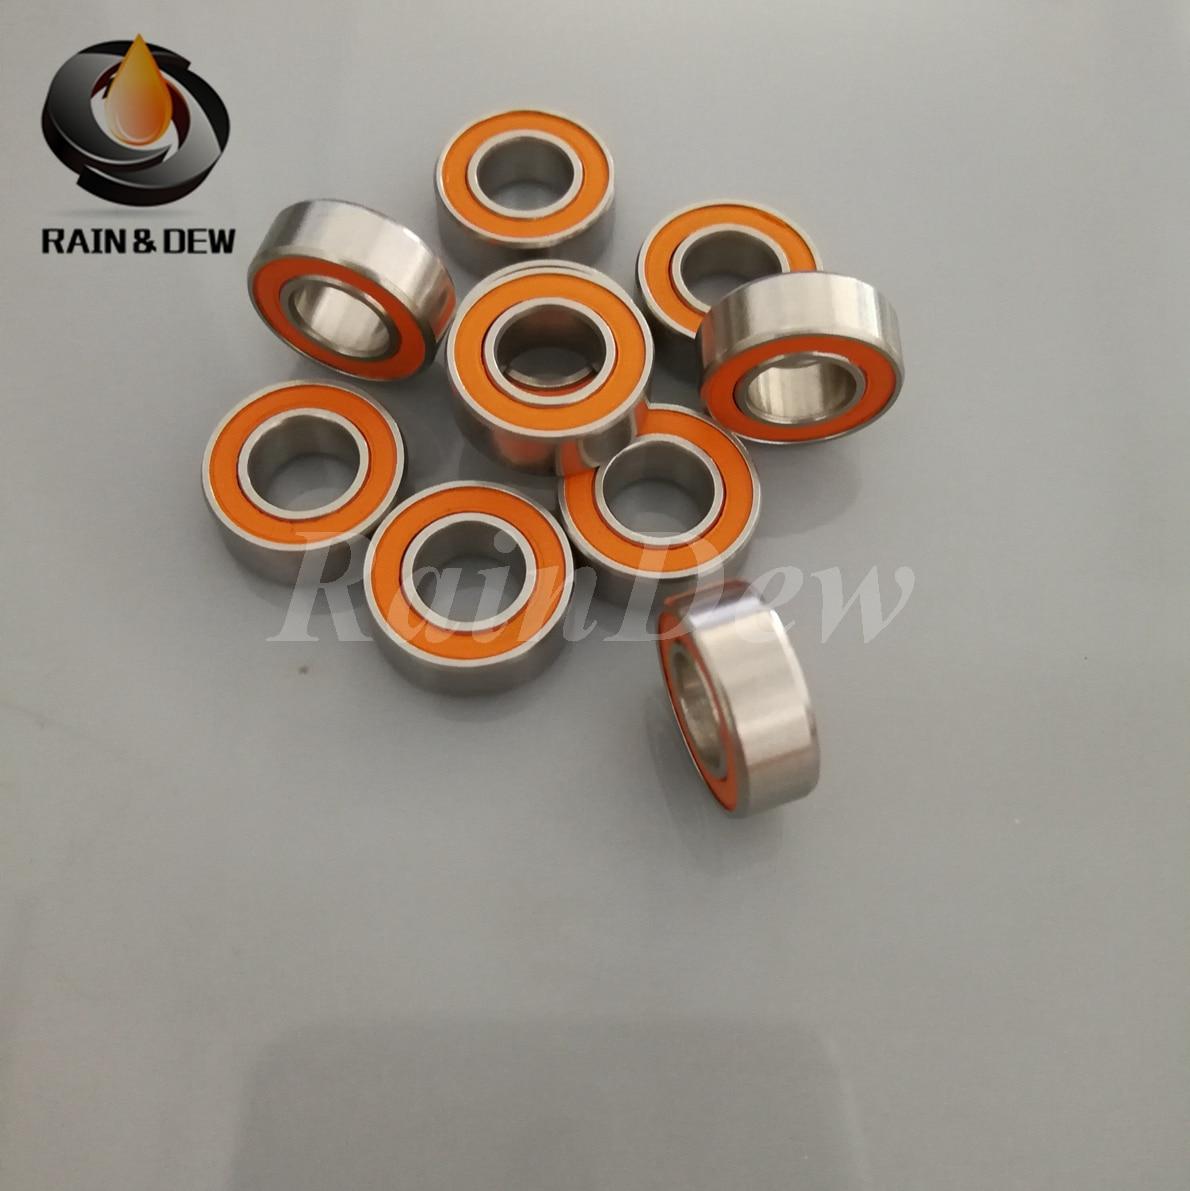 SMR137C-2OS 440c Stainless Steel CERAMIC Ball Bearing ABEC-7 7x13x4 mm 5 PCS